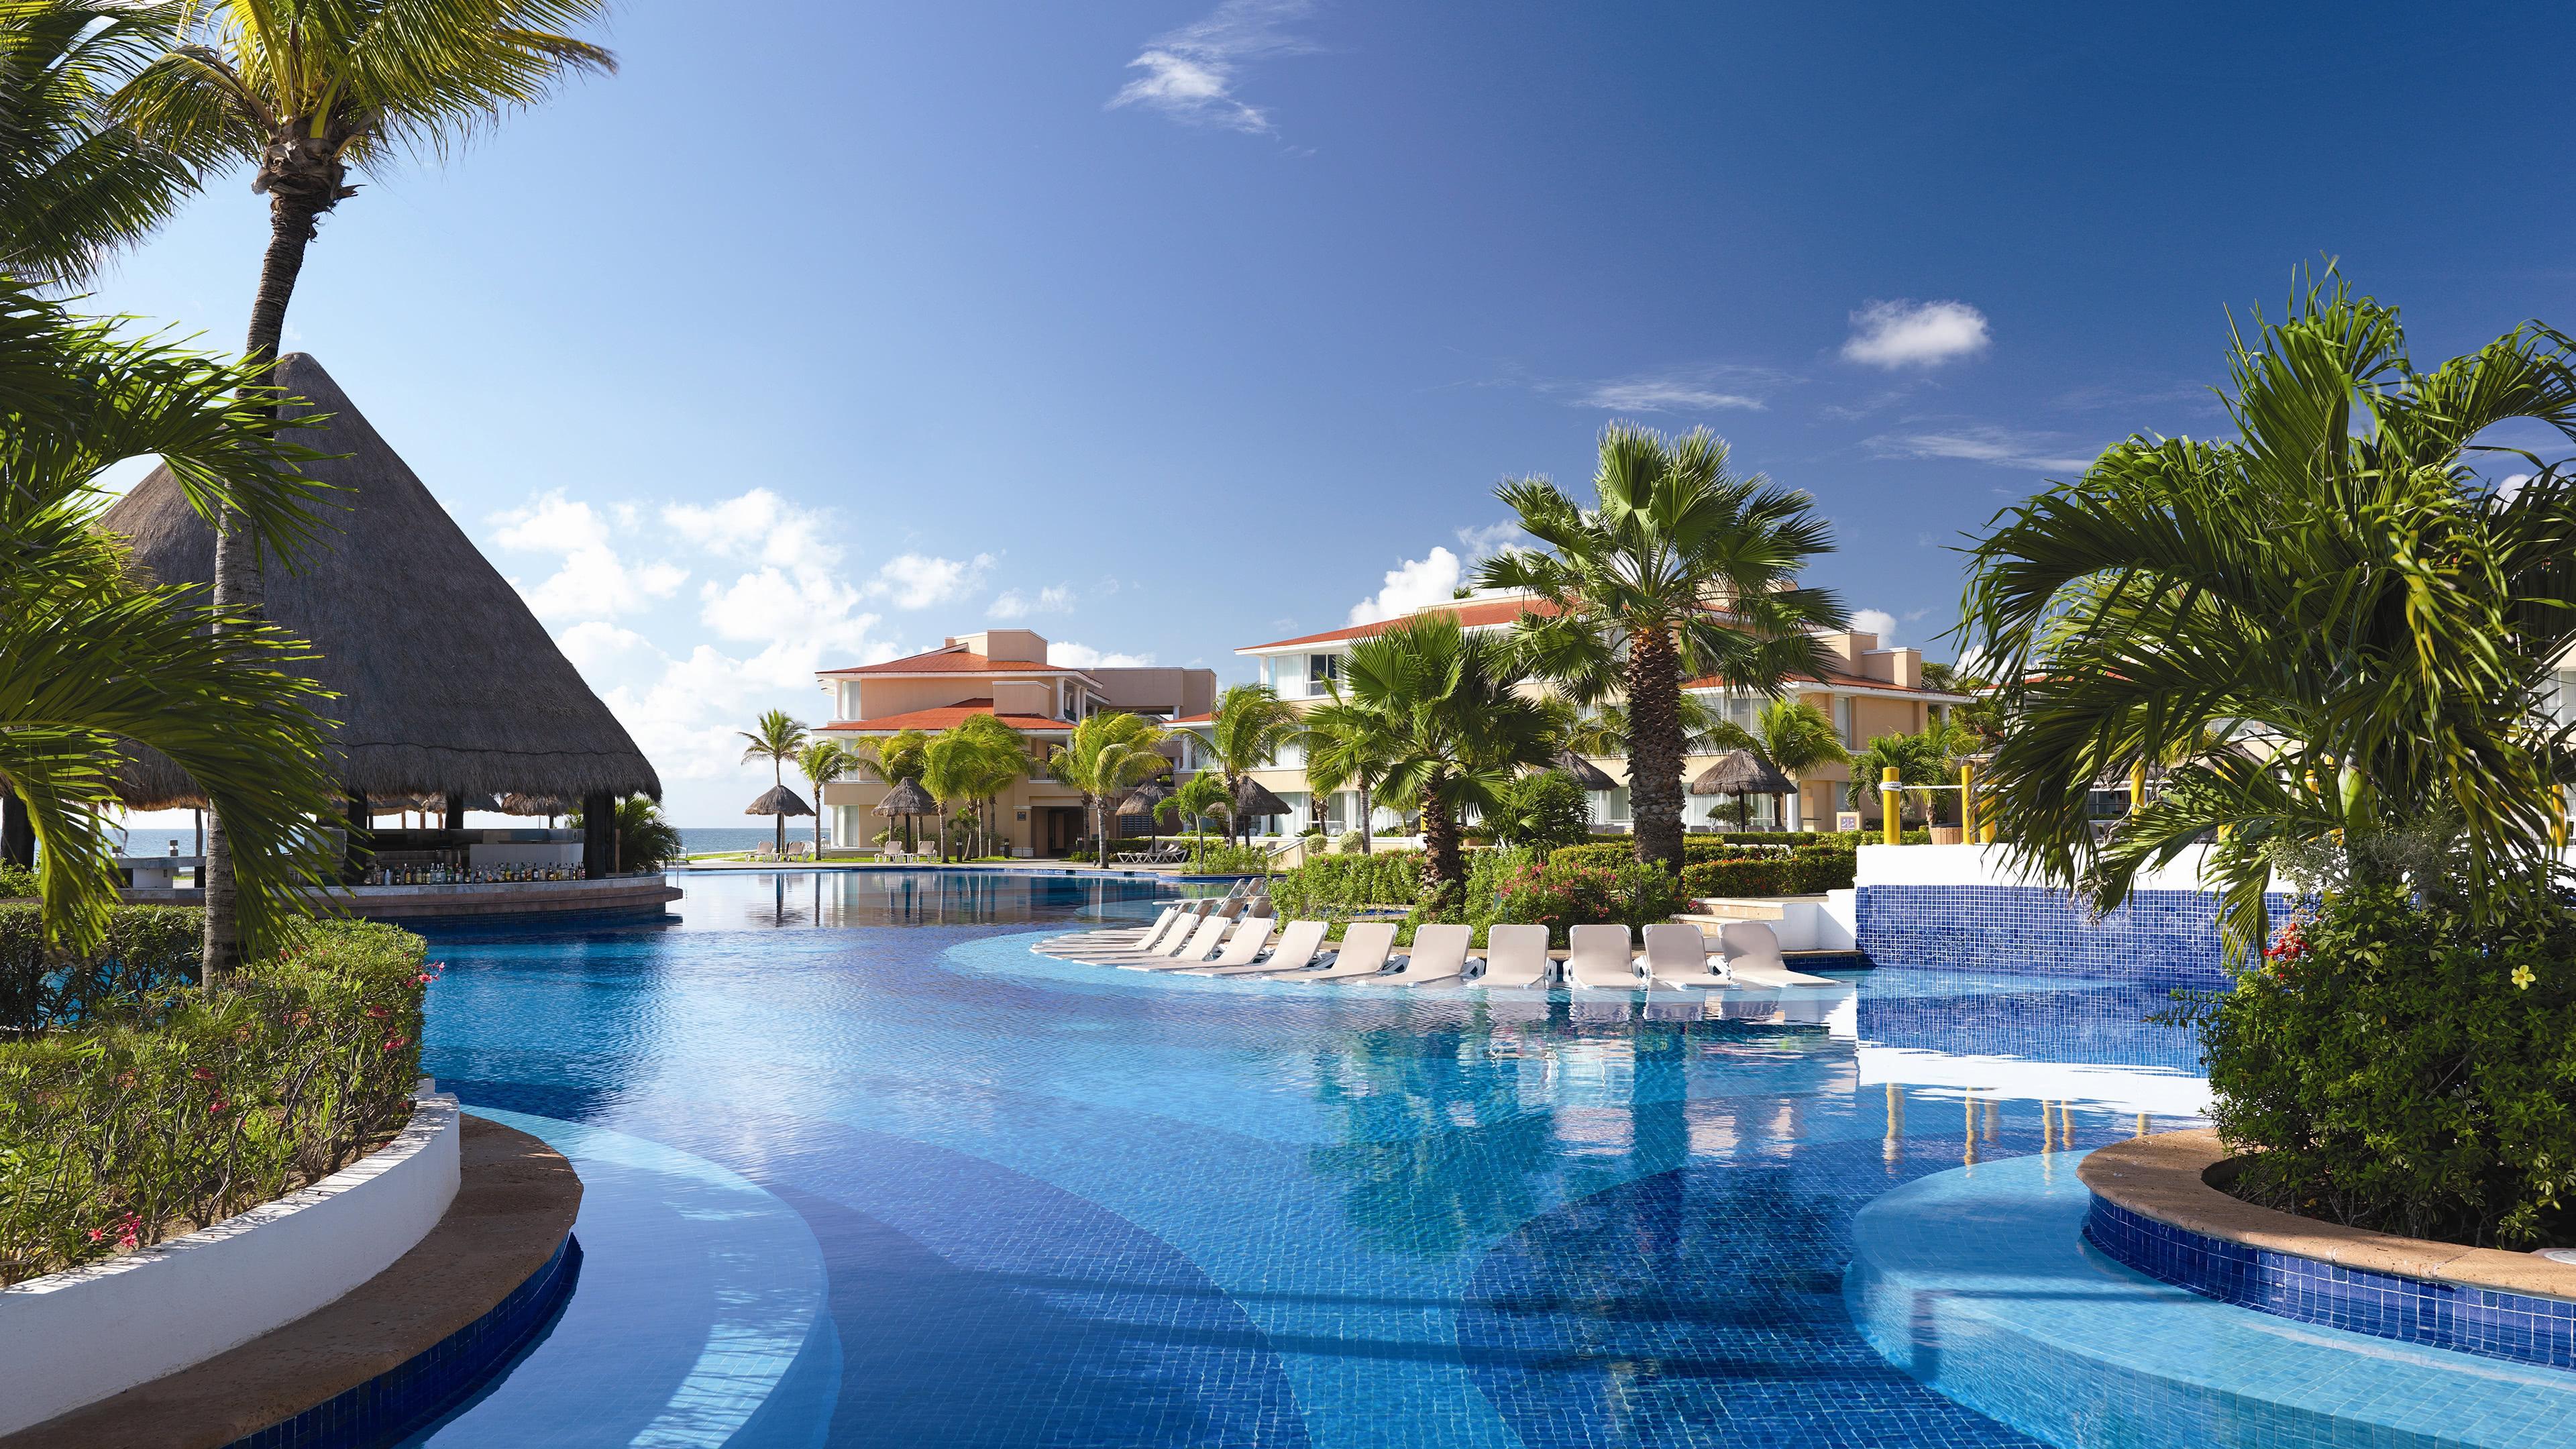 moon palace resort cancun mexico uhd 4k wallpaper